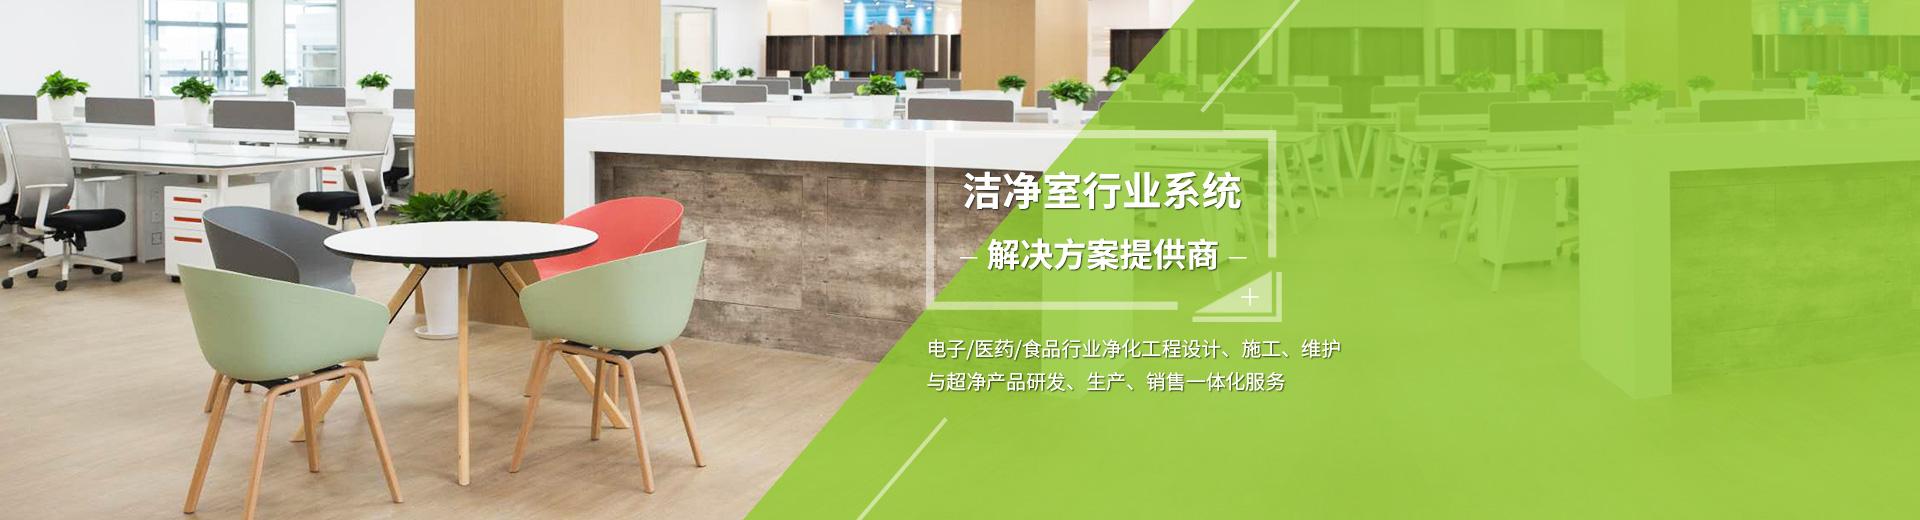 实验室相关工程的规划设计与施工